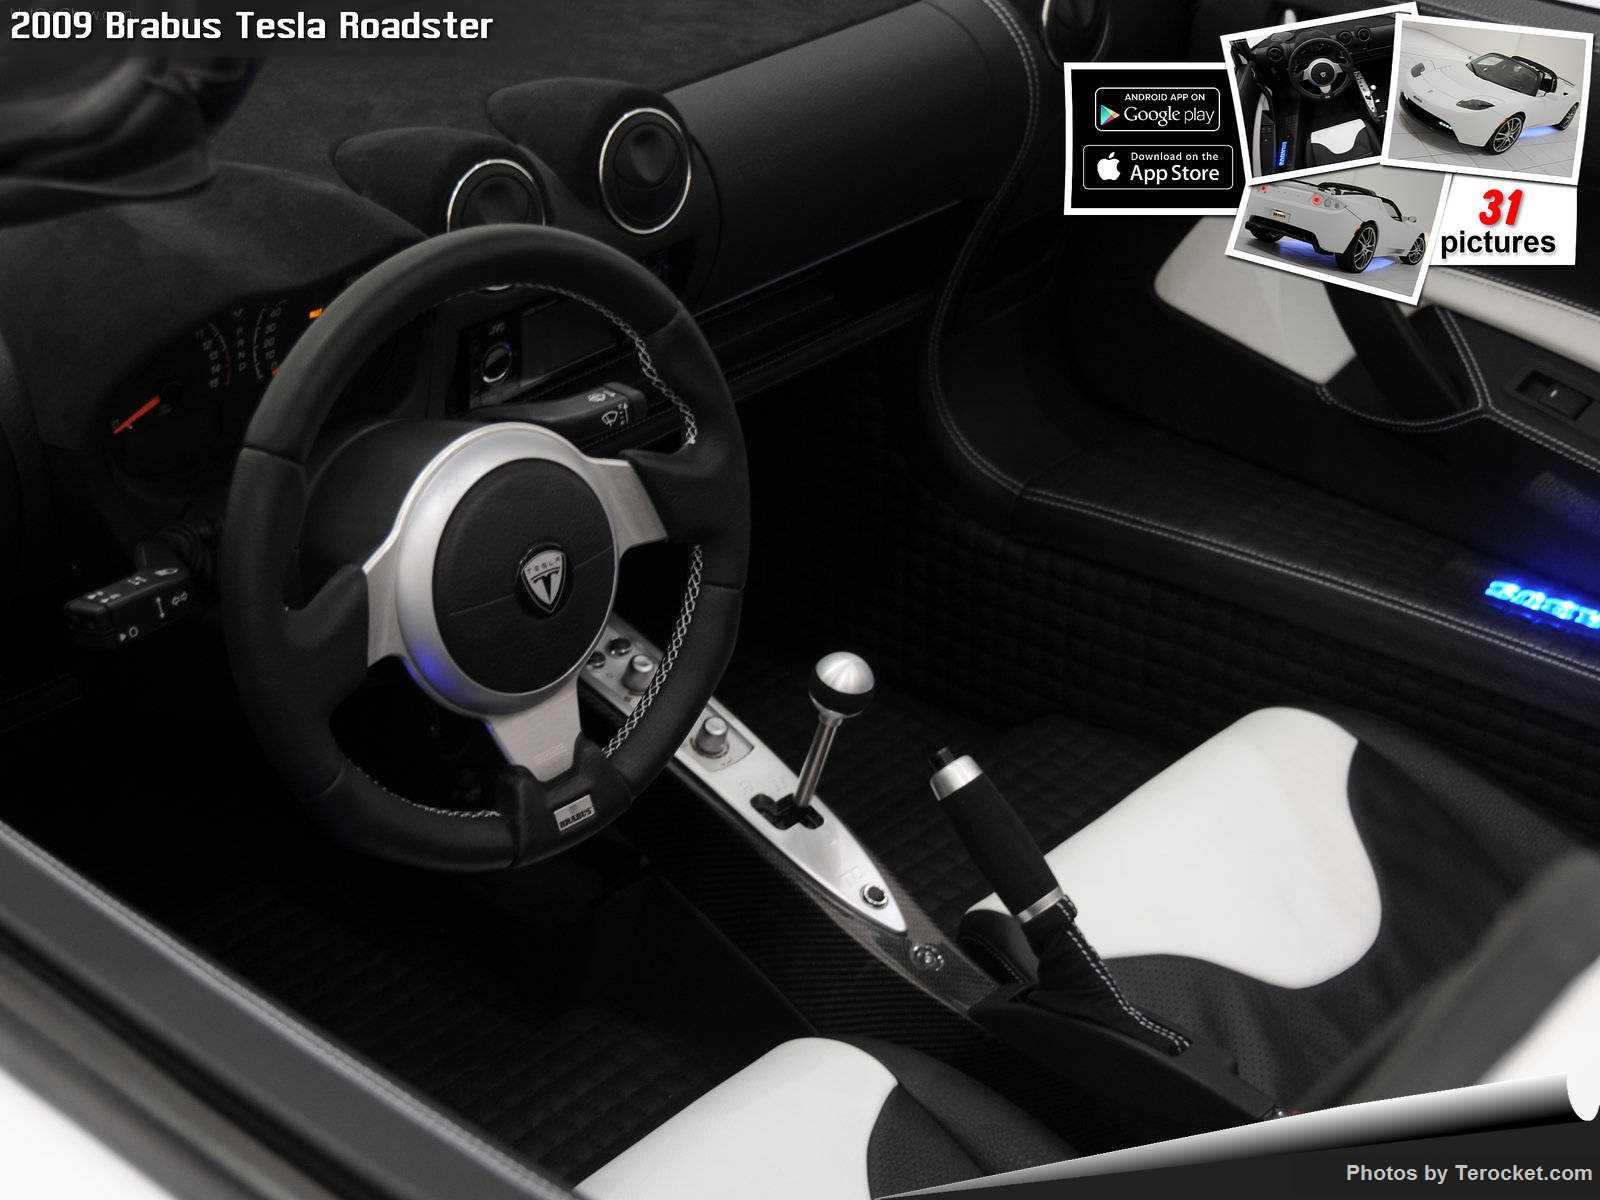 Hình ảnh xe ô tô Brabus Tesla Roadster 2009 & nội ngoại thất